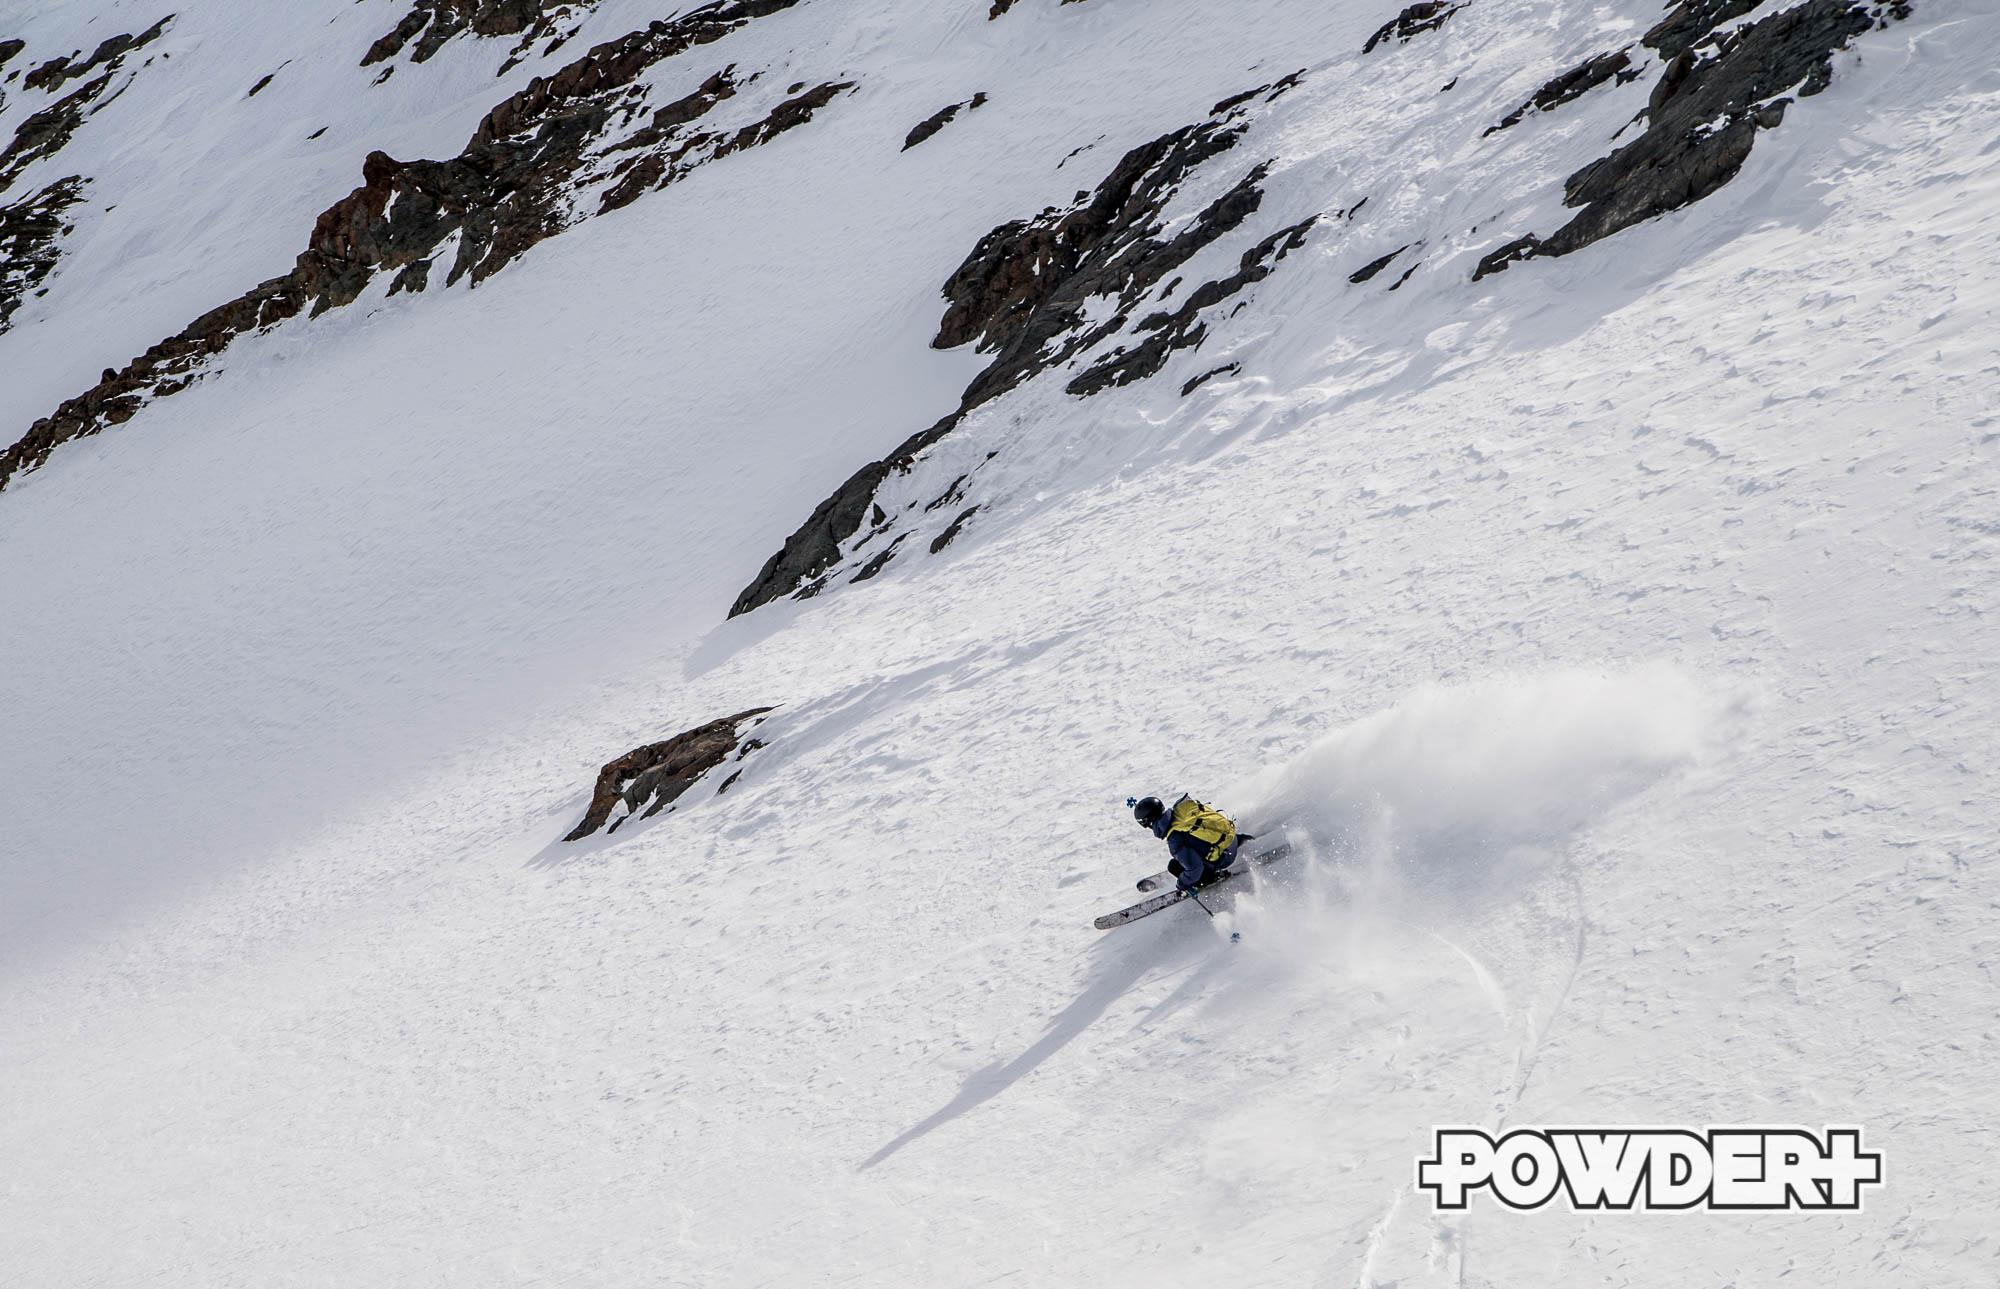 erste skitour, pistenraupe gefahr, pistenraupe, pistenskitour gefahr, freeridetour, skitour stubai, skitour stubaier gletscher, freeridetour stubaier gletscher, freeride stubaier gletscher, freeride badewanne, freeride daunjoch